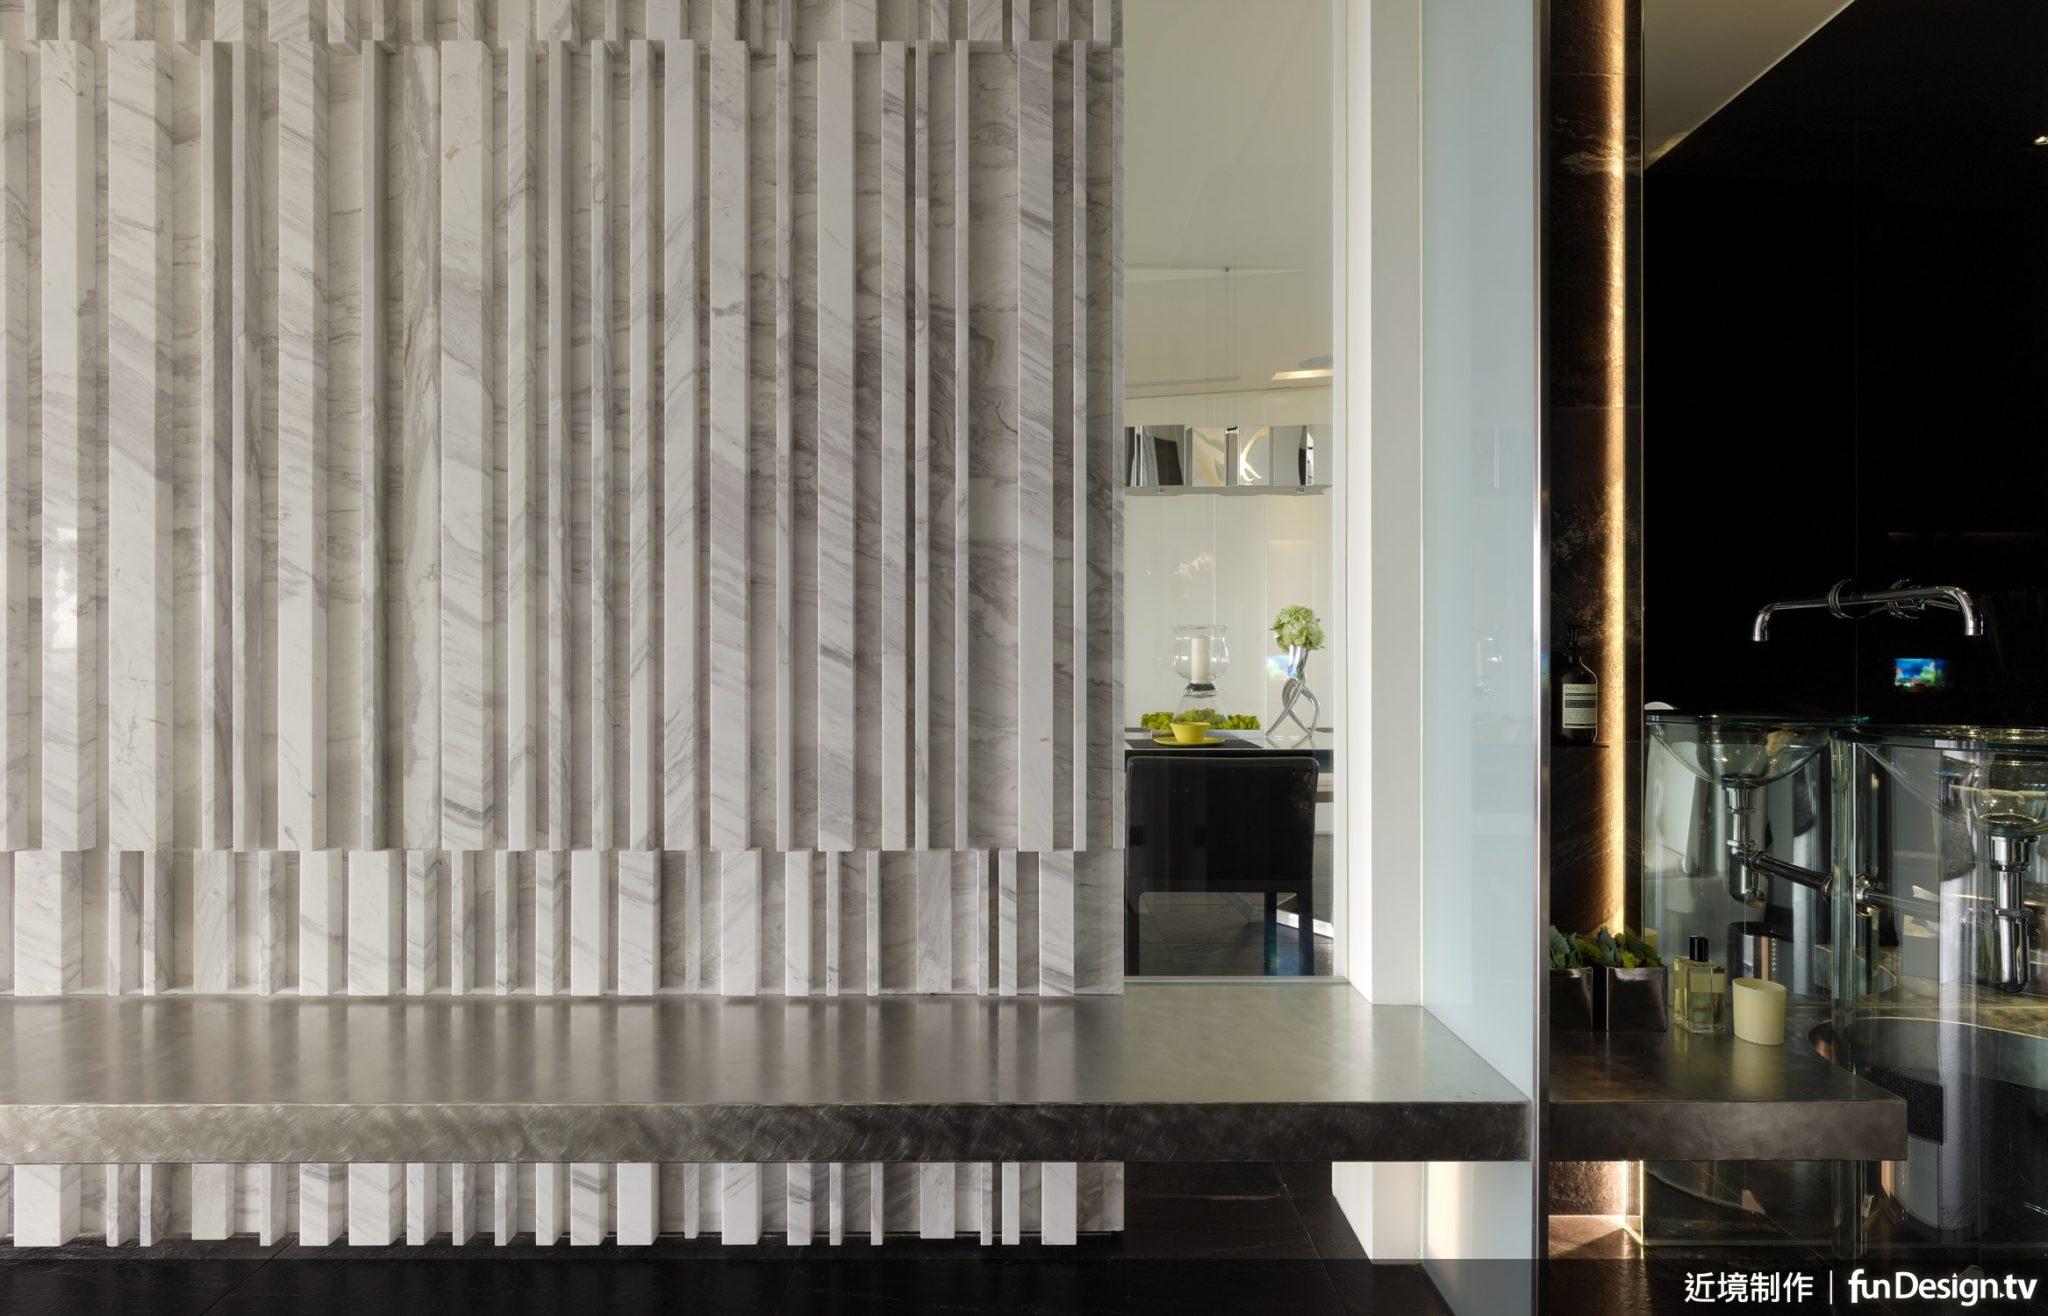 運用不同厚度的石板交錯搭配,唐忠漢總監讓石材看起來有織品般的視覺感受。